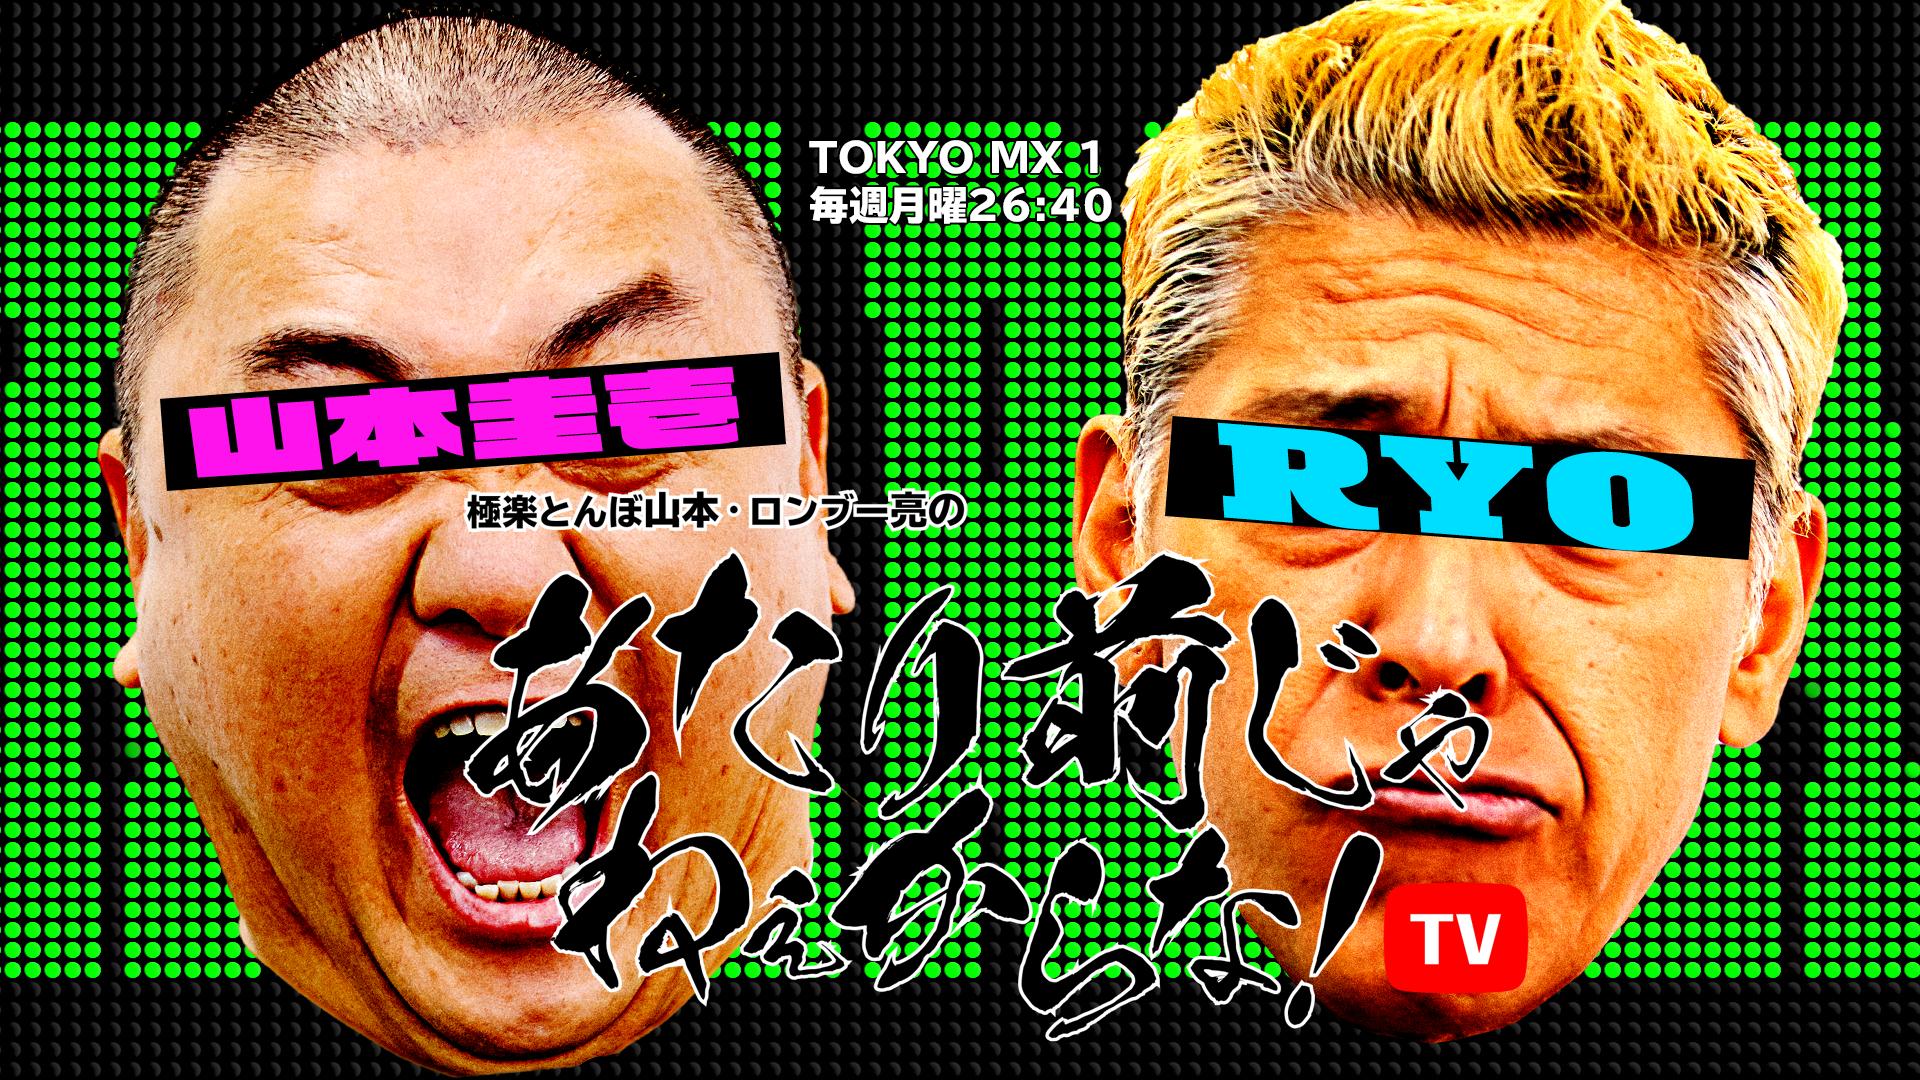 TOKYOMX「あたり前じゃねぇからな!TV」熱闘マシェバラGirlsへの道